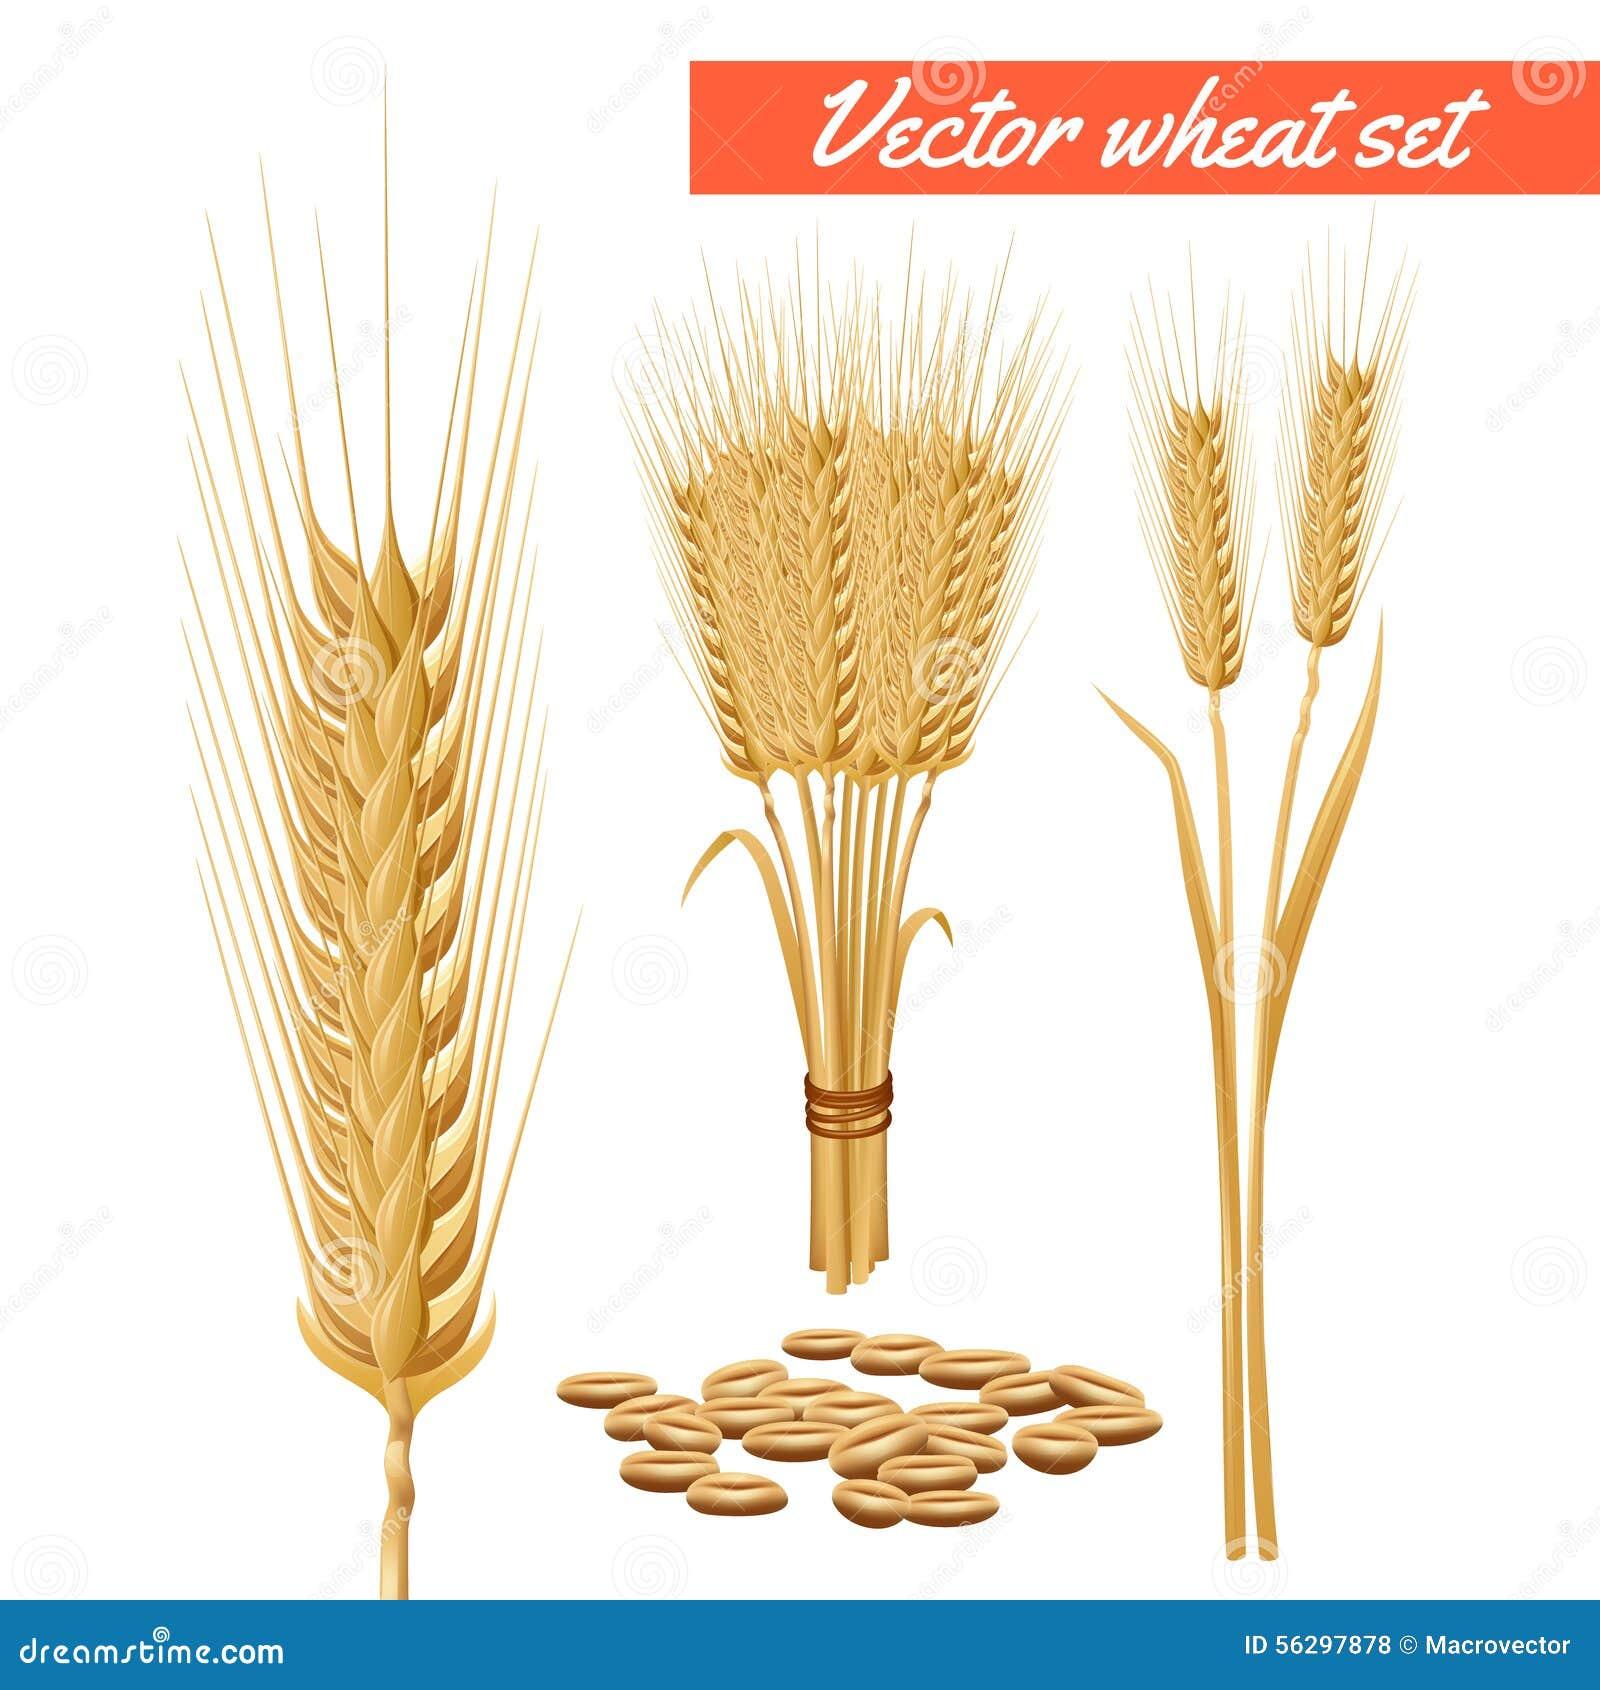 Wheat Grain Stock Illustrations – 19,217 Wheat Grain Stock ...